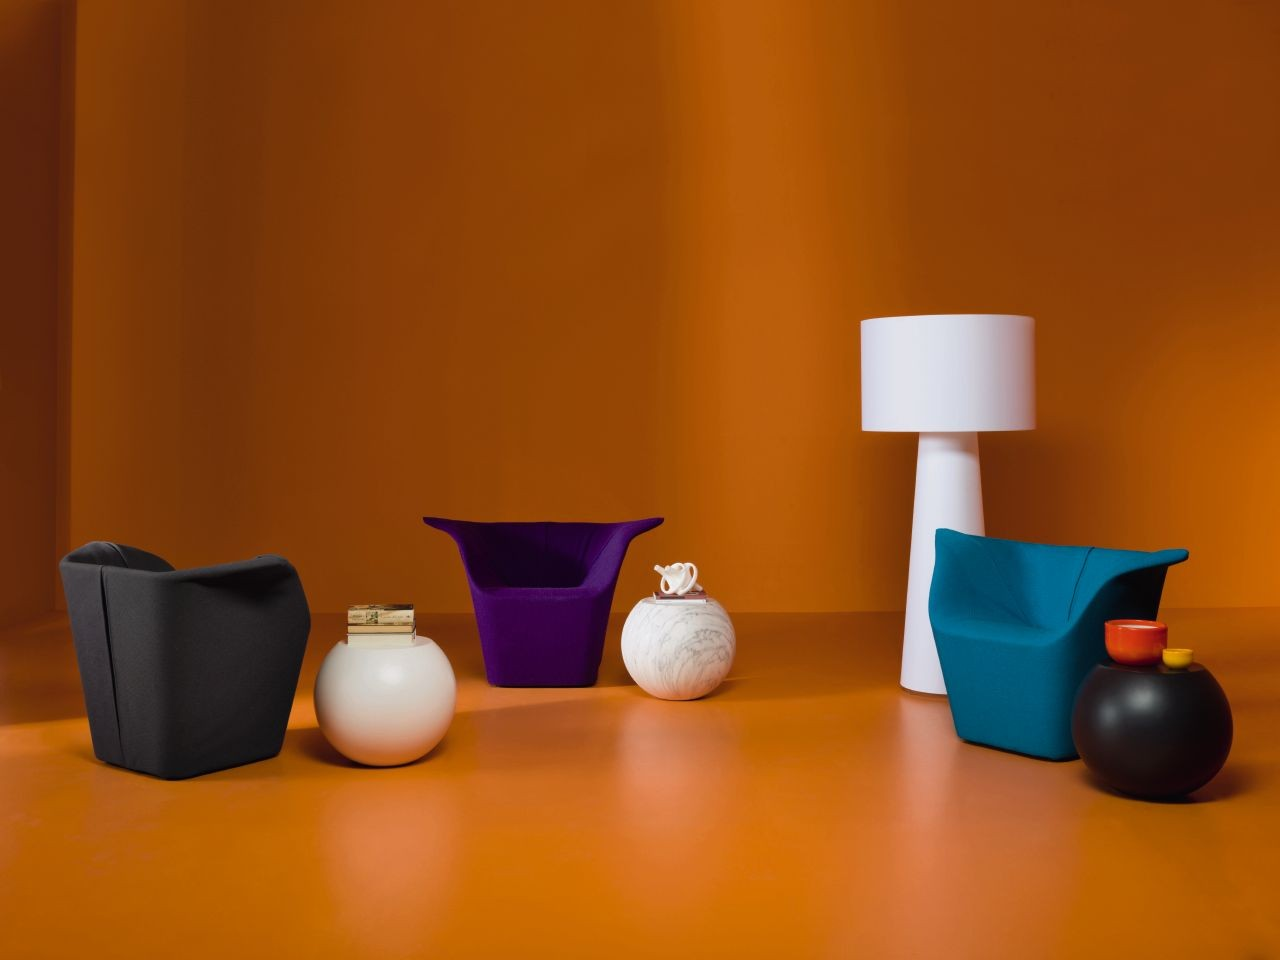 桌几|咖啡桌|创意家具|现代家居|时尚家具|设计师家具|定制家具|实木家具|Bong咖啡桌